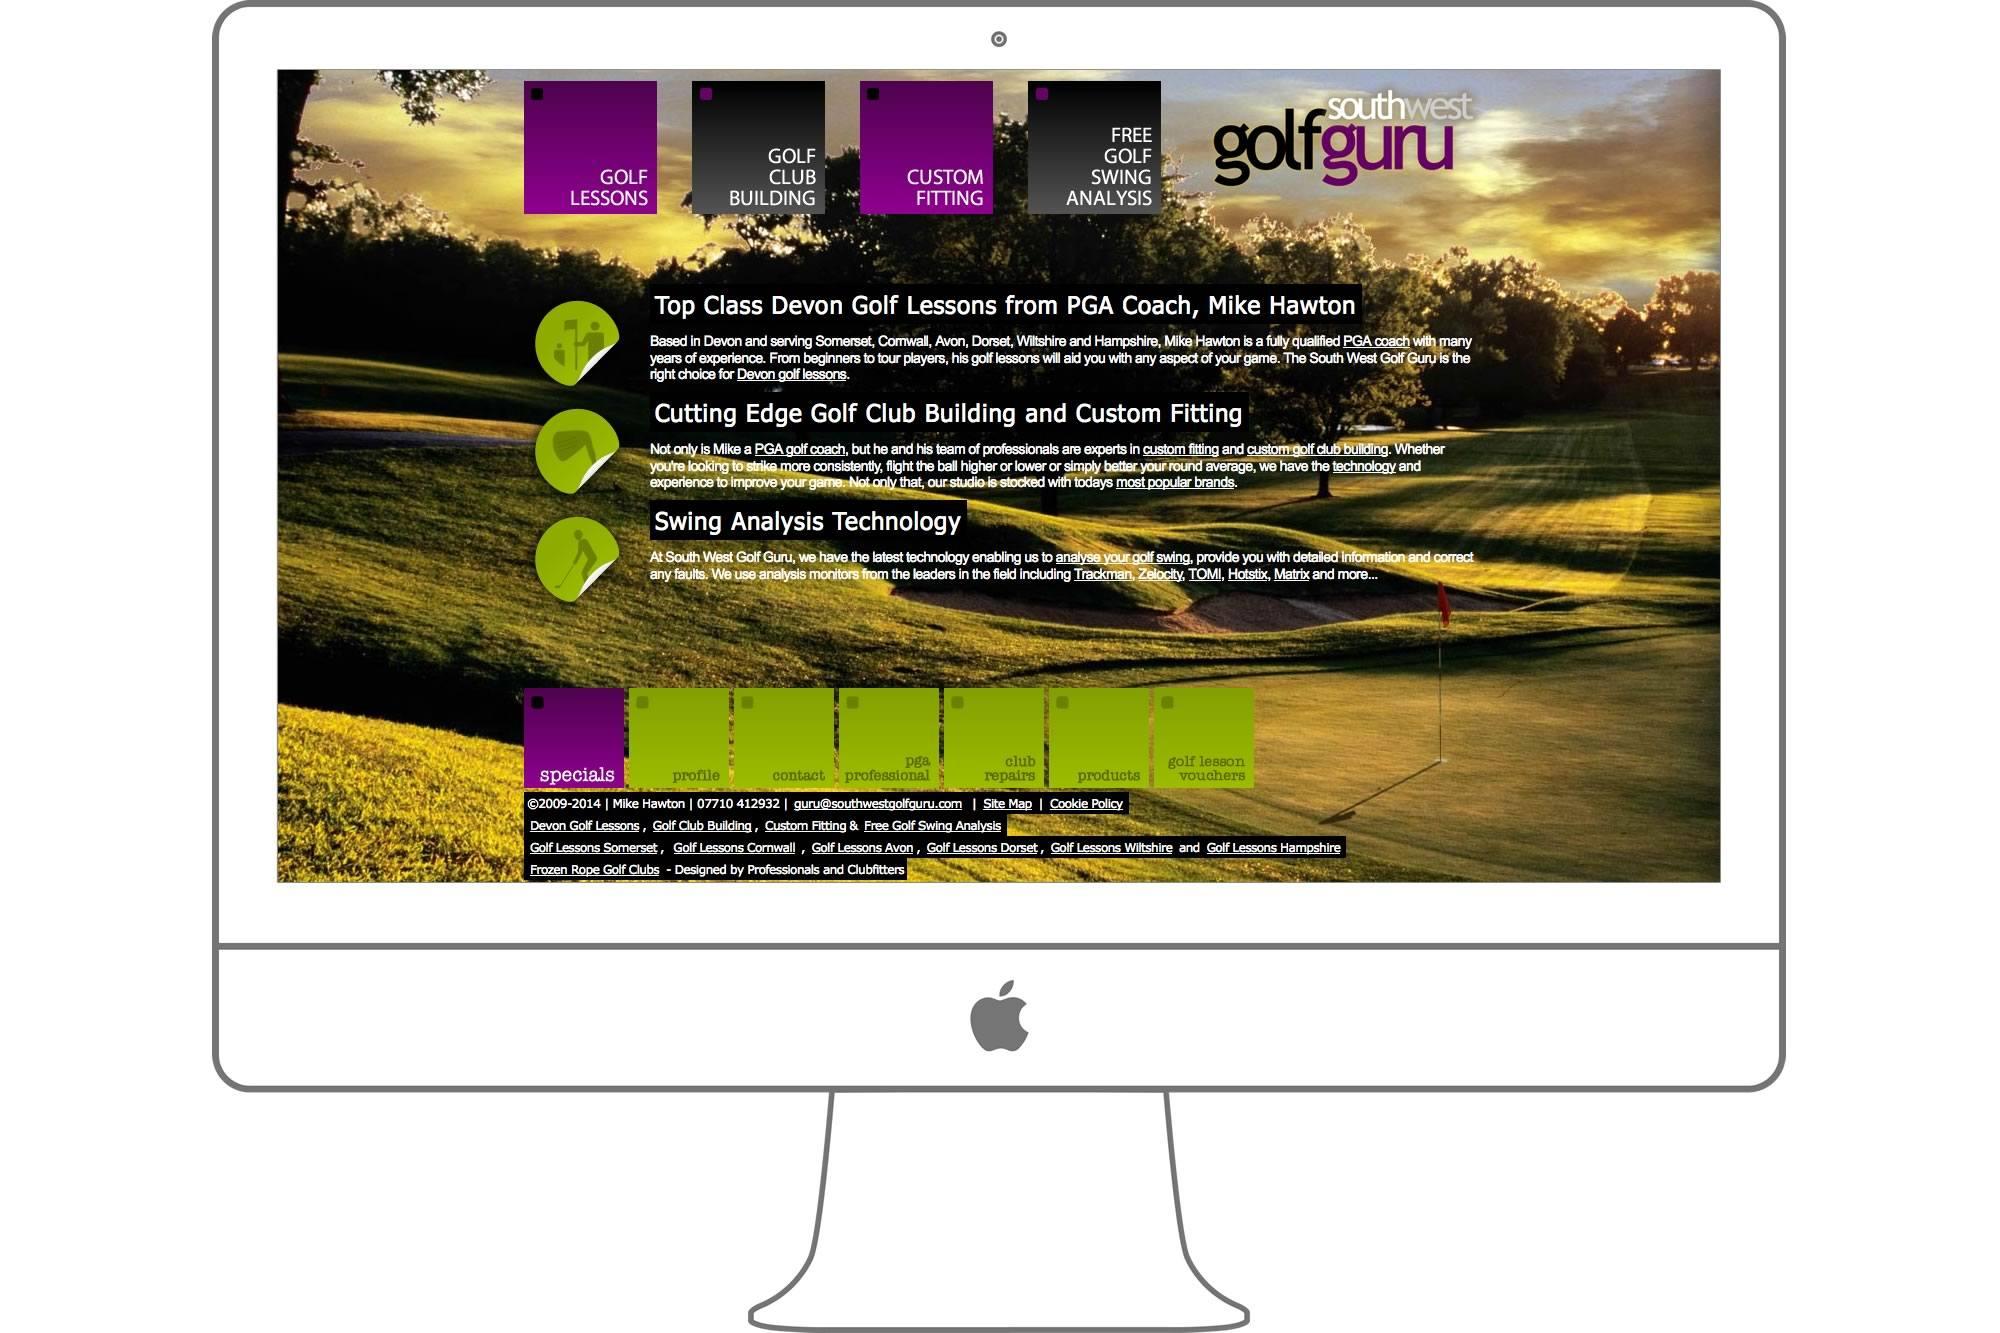 South West Golf Guru Website by Big Decision